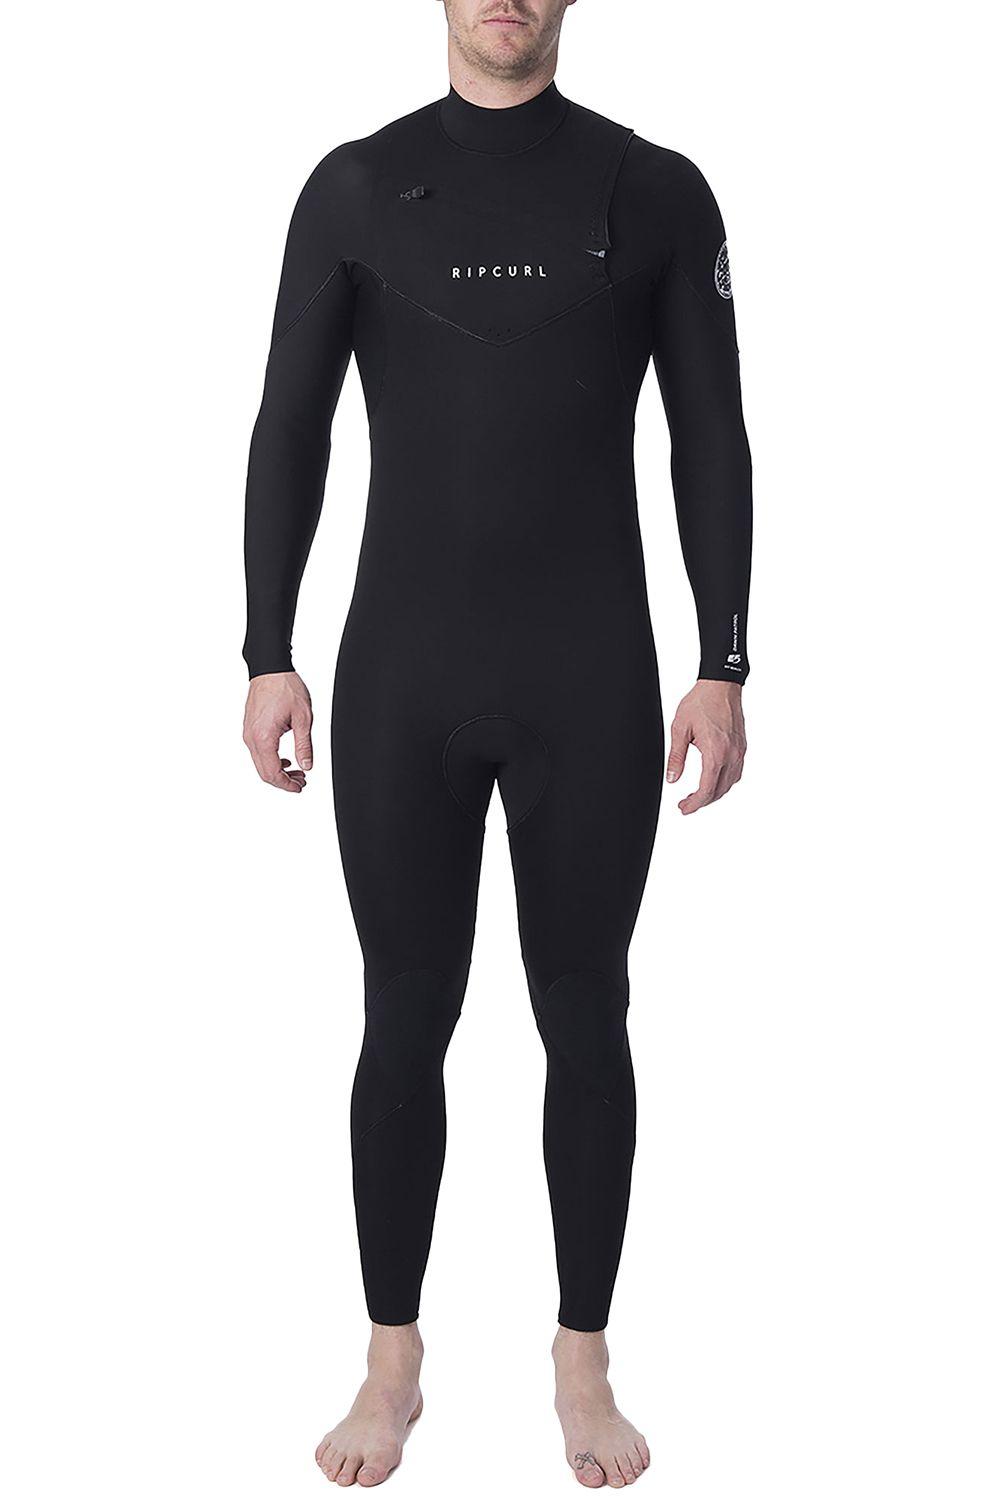 Rip Curl Wetsuit DAWN PATROL 4/3 CZ GB Black